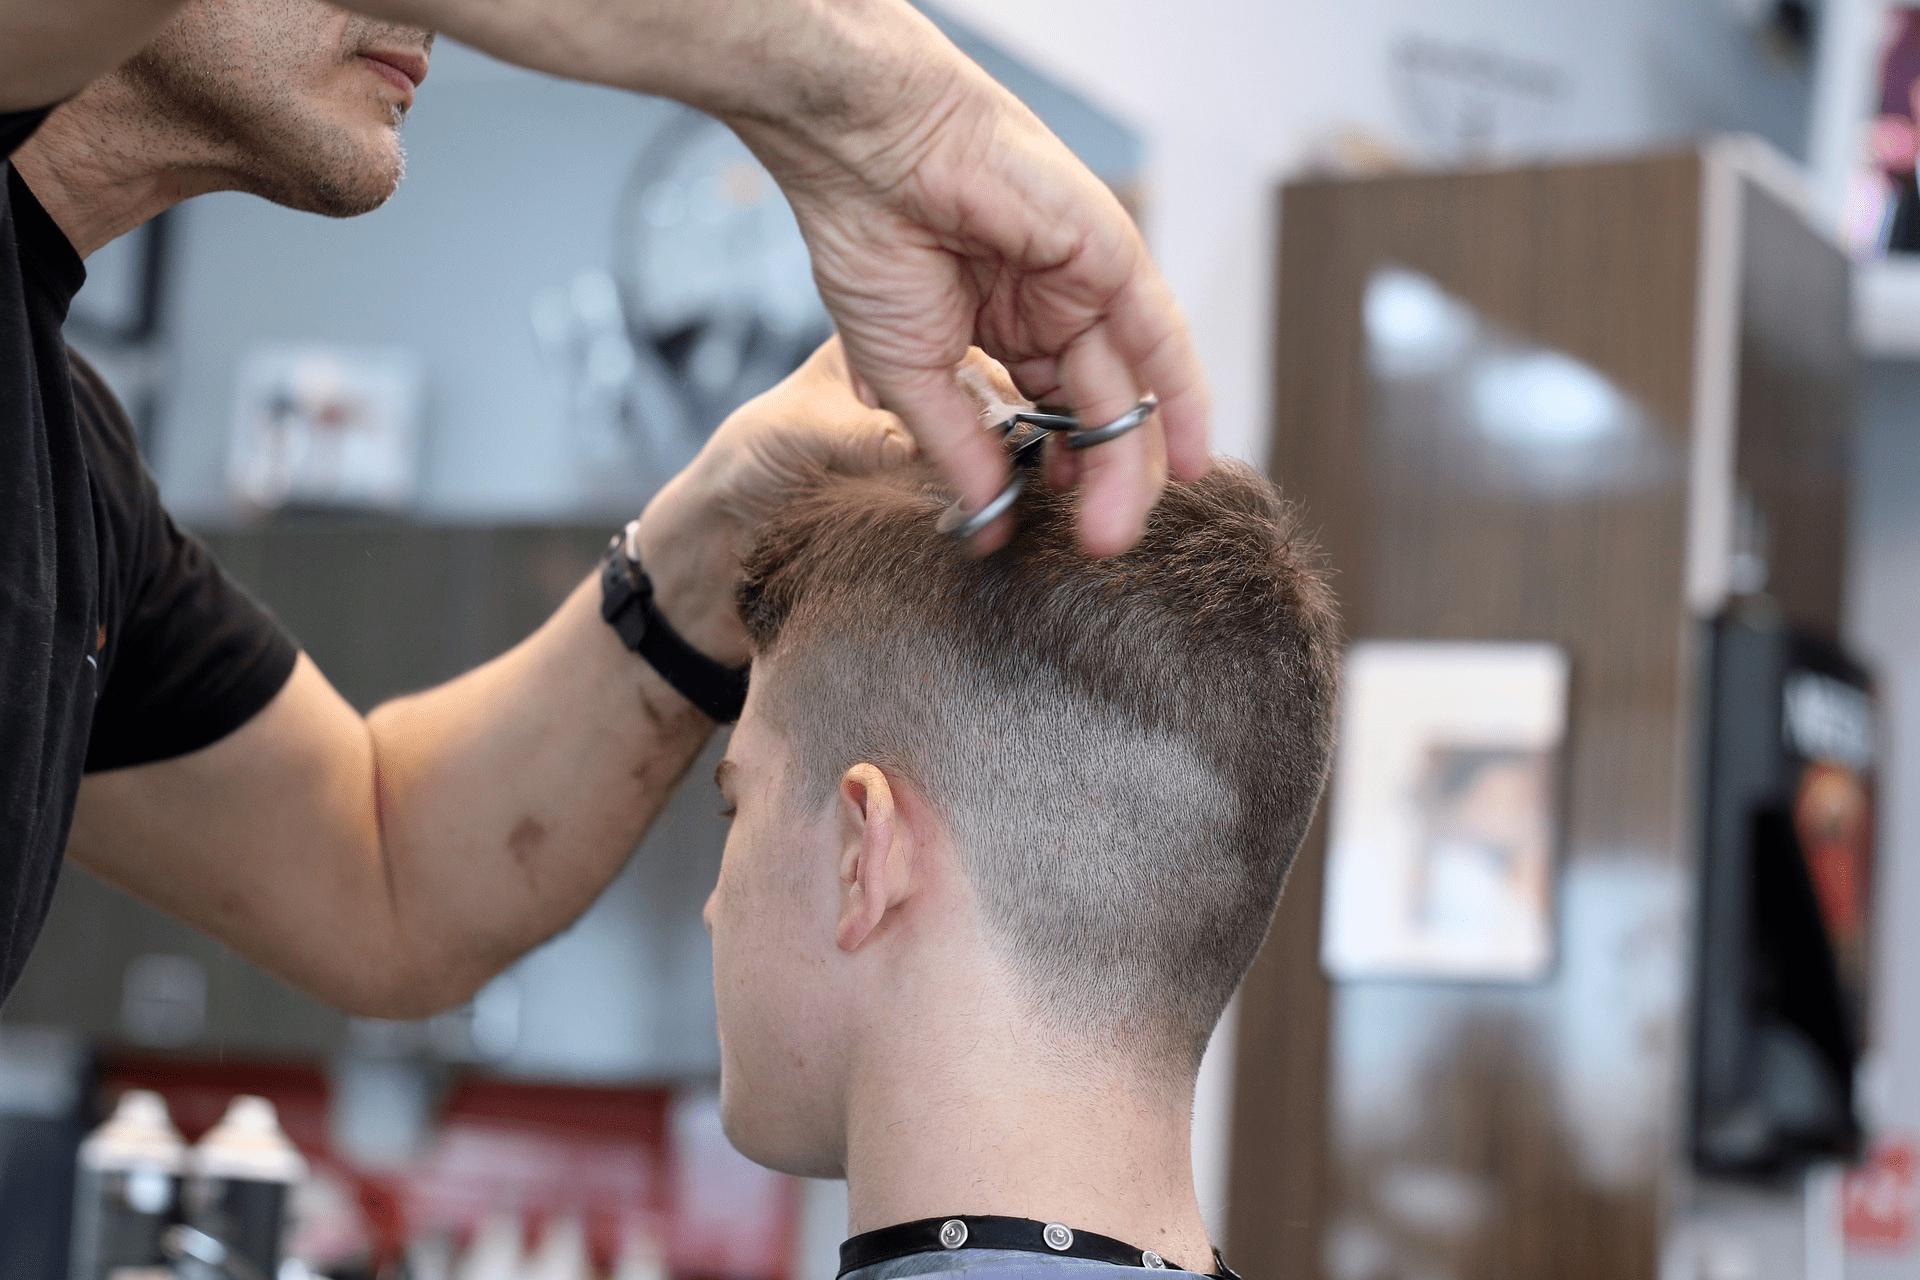 El degradado, uno de los cortes de pelo para hombres de moda este 2021